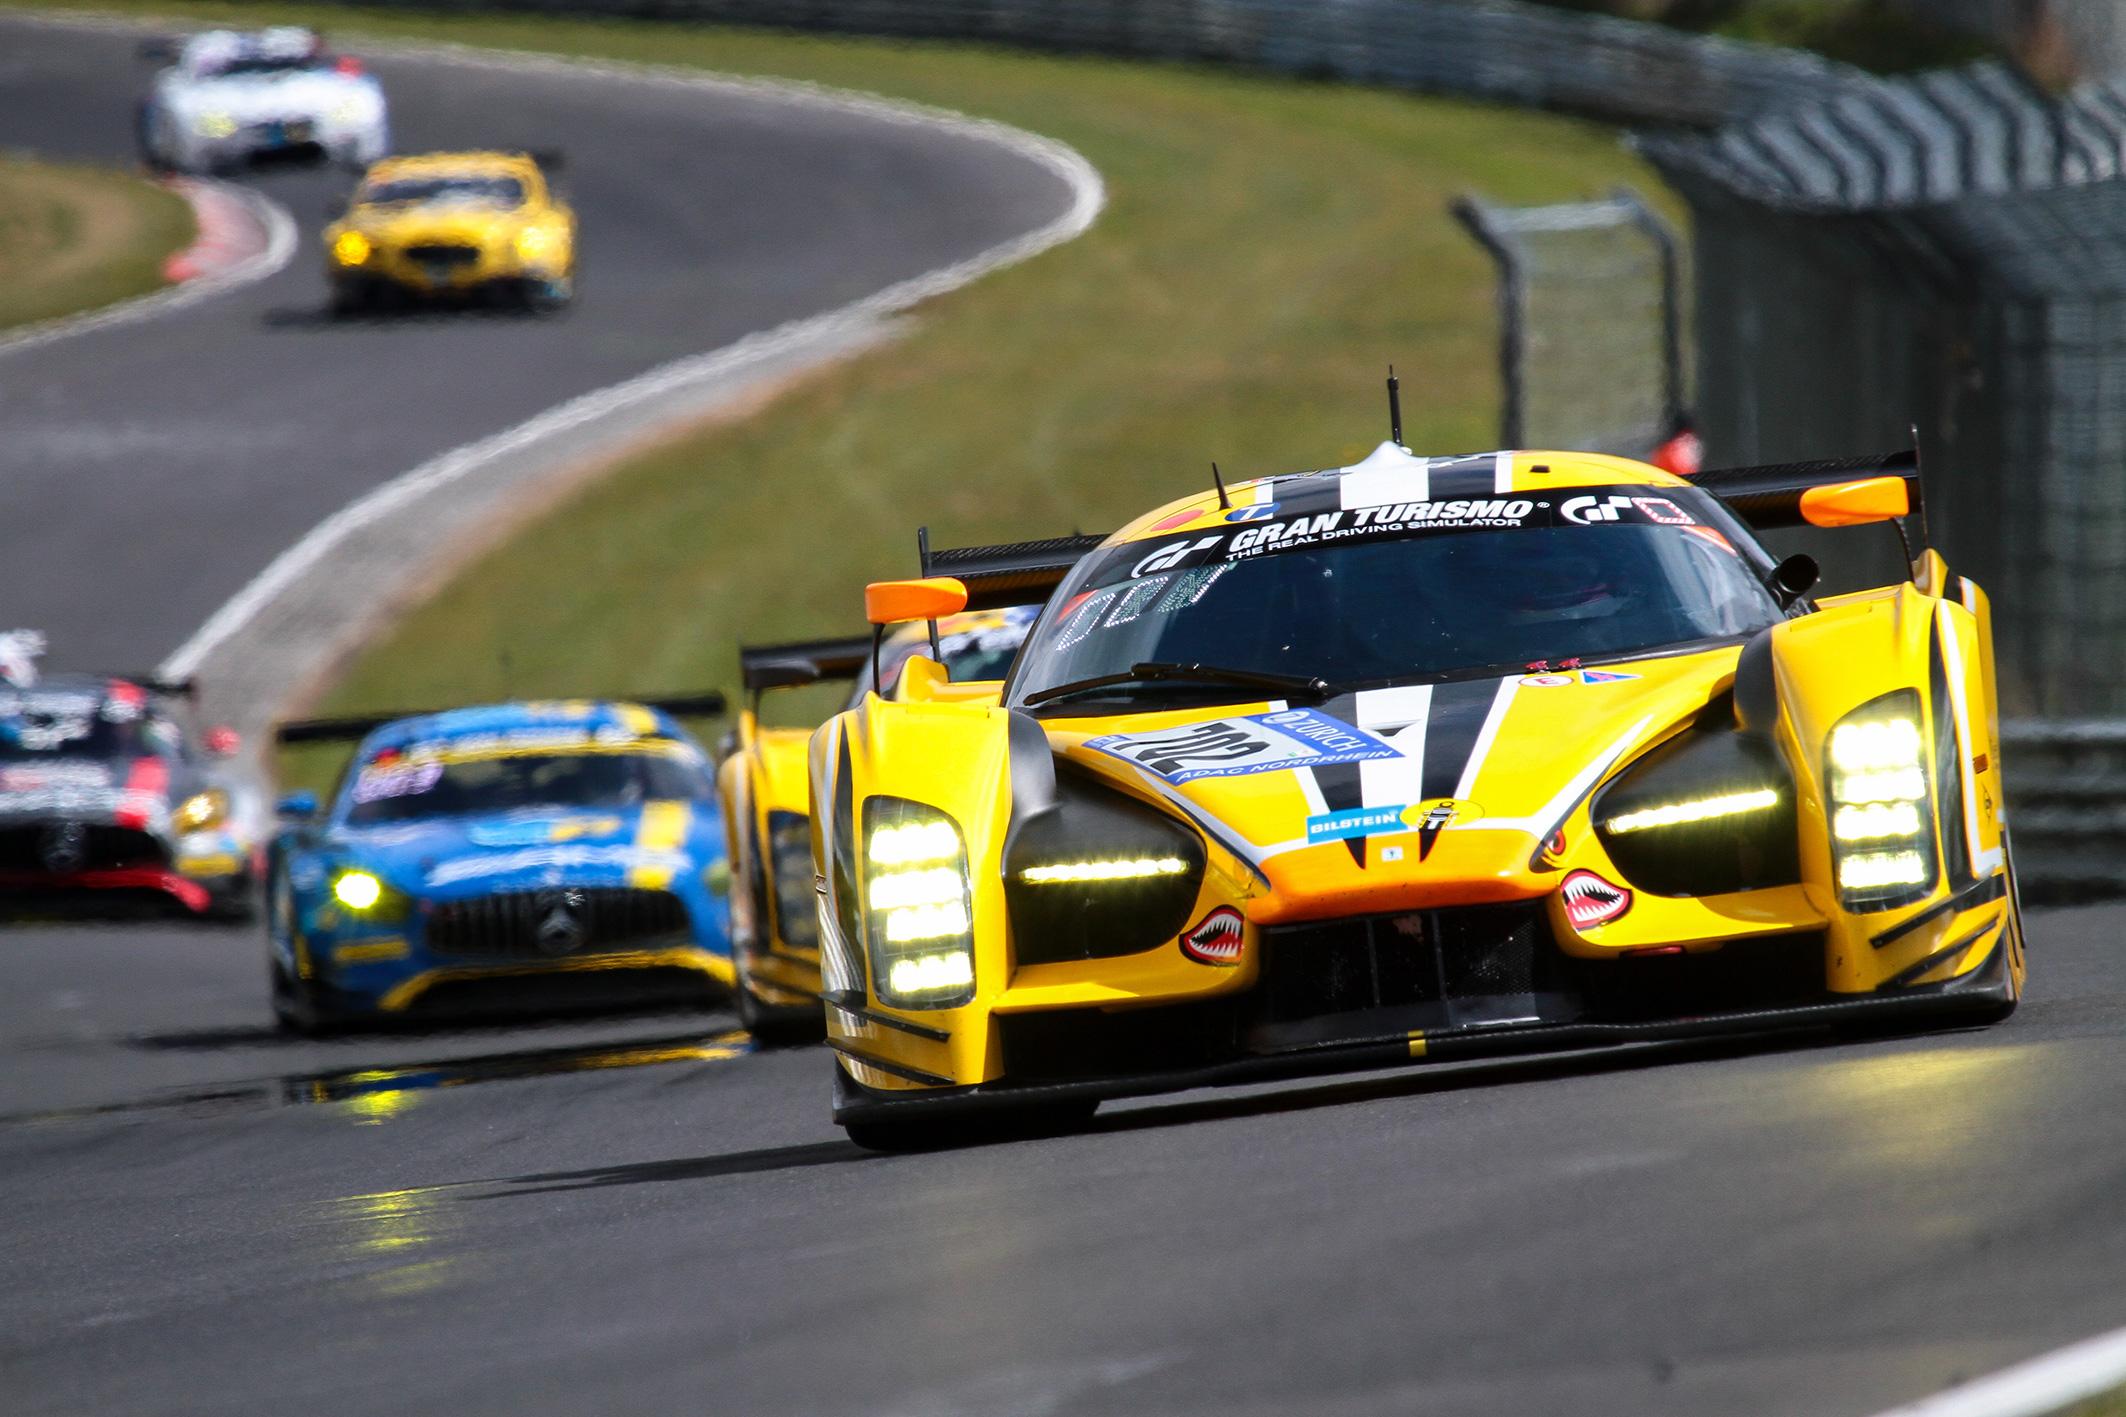 De grootste autorace ter wereld: het ADAC Zurich 24h-Rennen Nürburgring van 25 t/m 28 mei